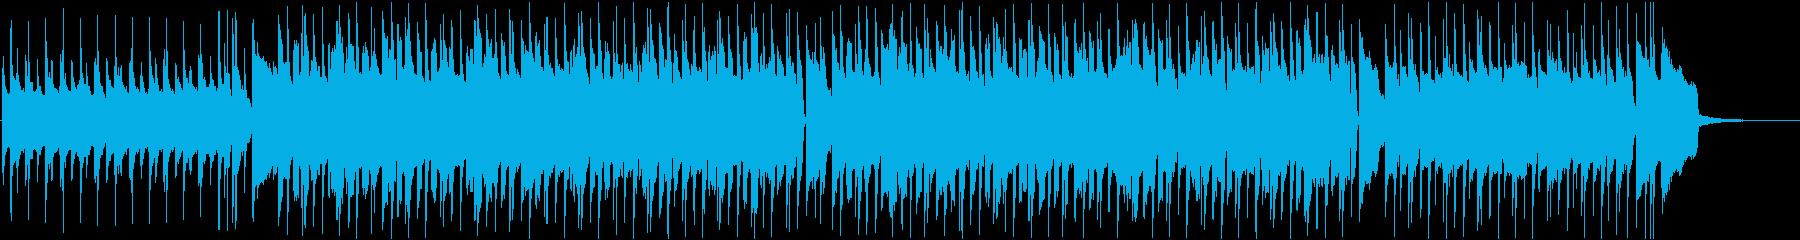 平凡な日々の日常曲の再生済みの波形